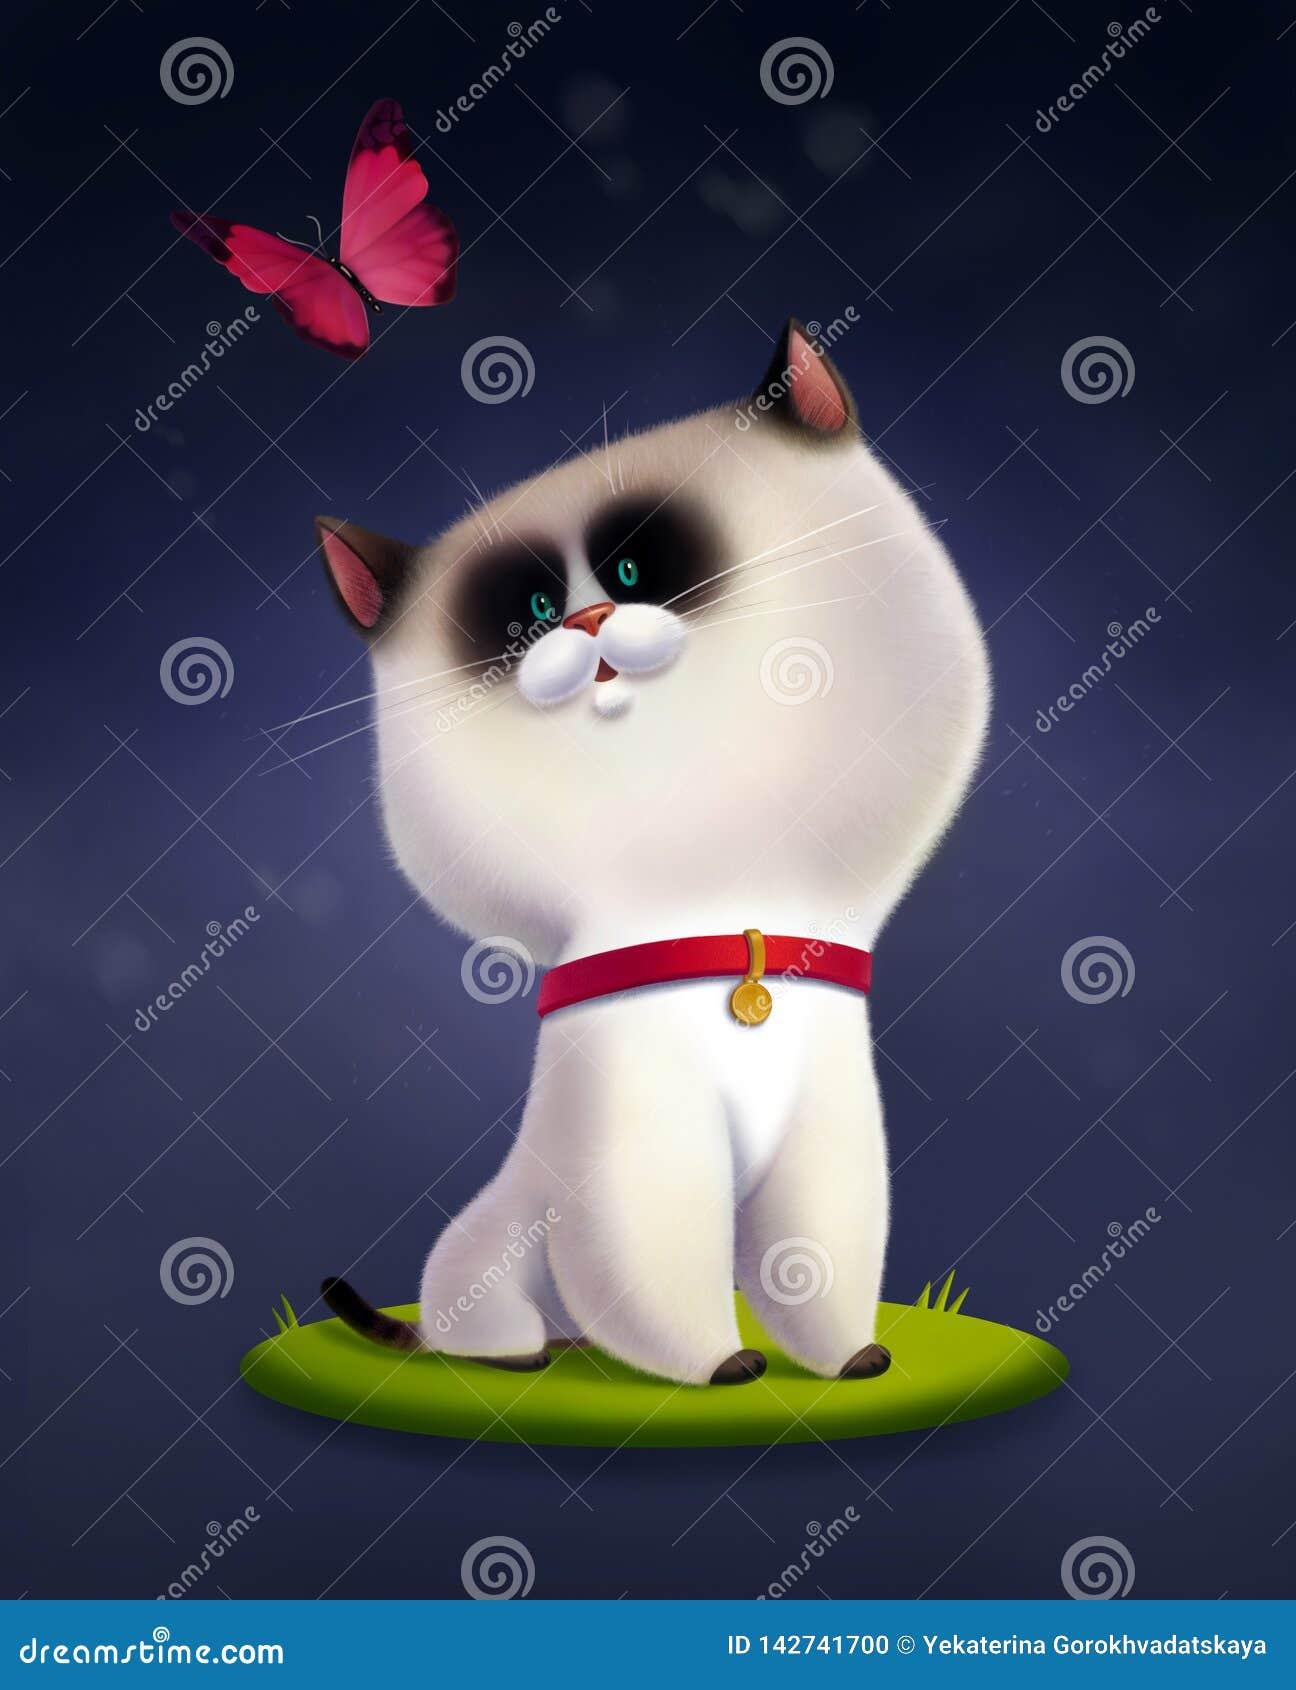 Kinderillustration der siamesischen Katze stationierend auf dem Gras und dem Fliegen des rosa Schmetterlinges oben betrachtend